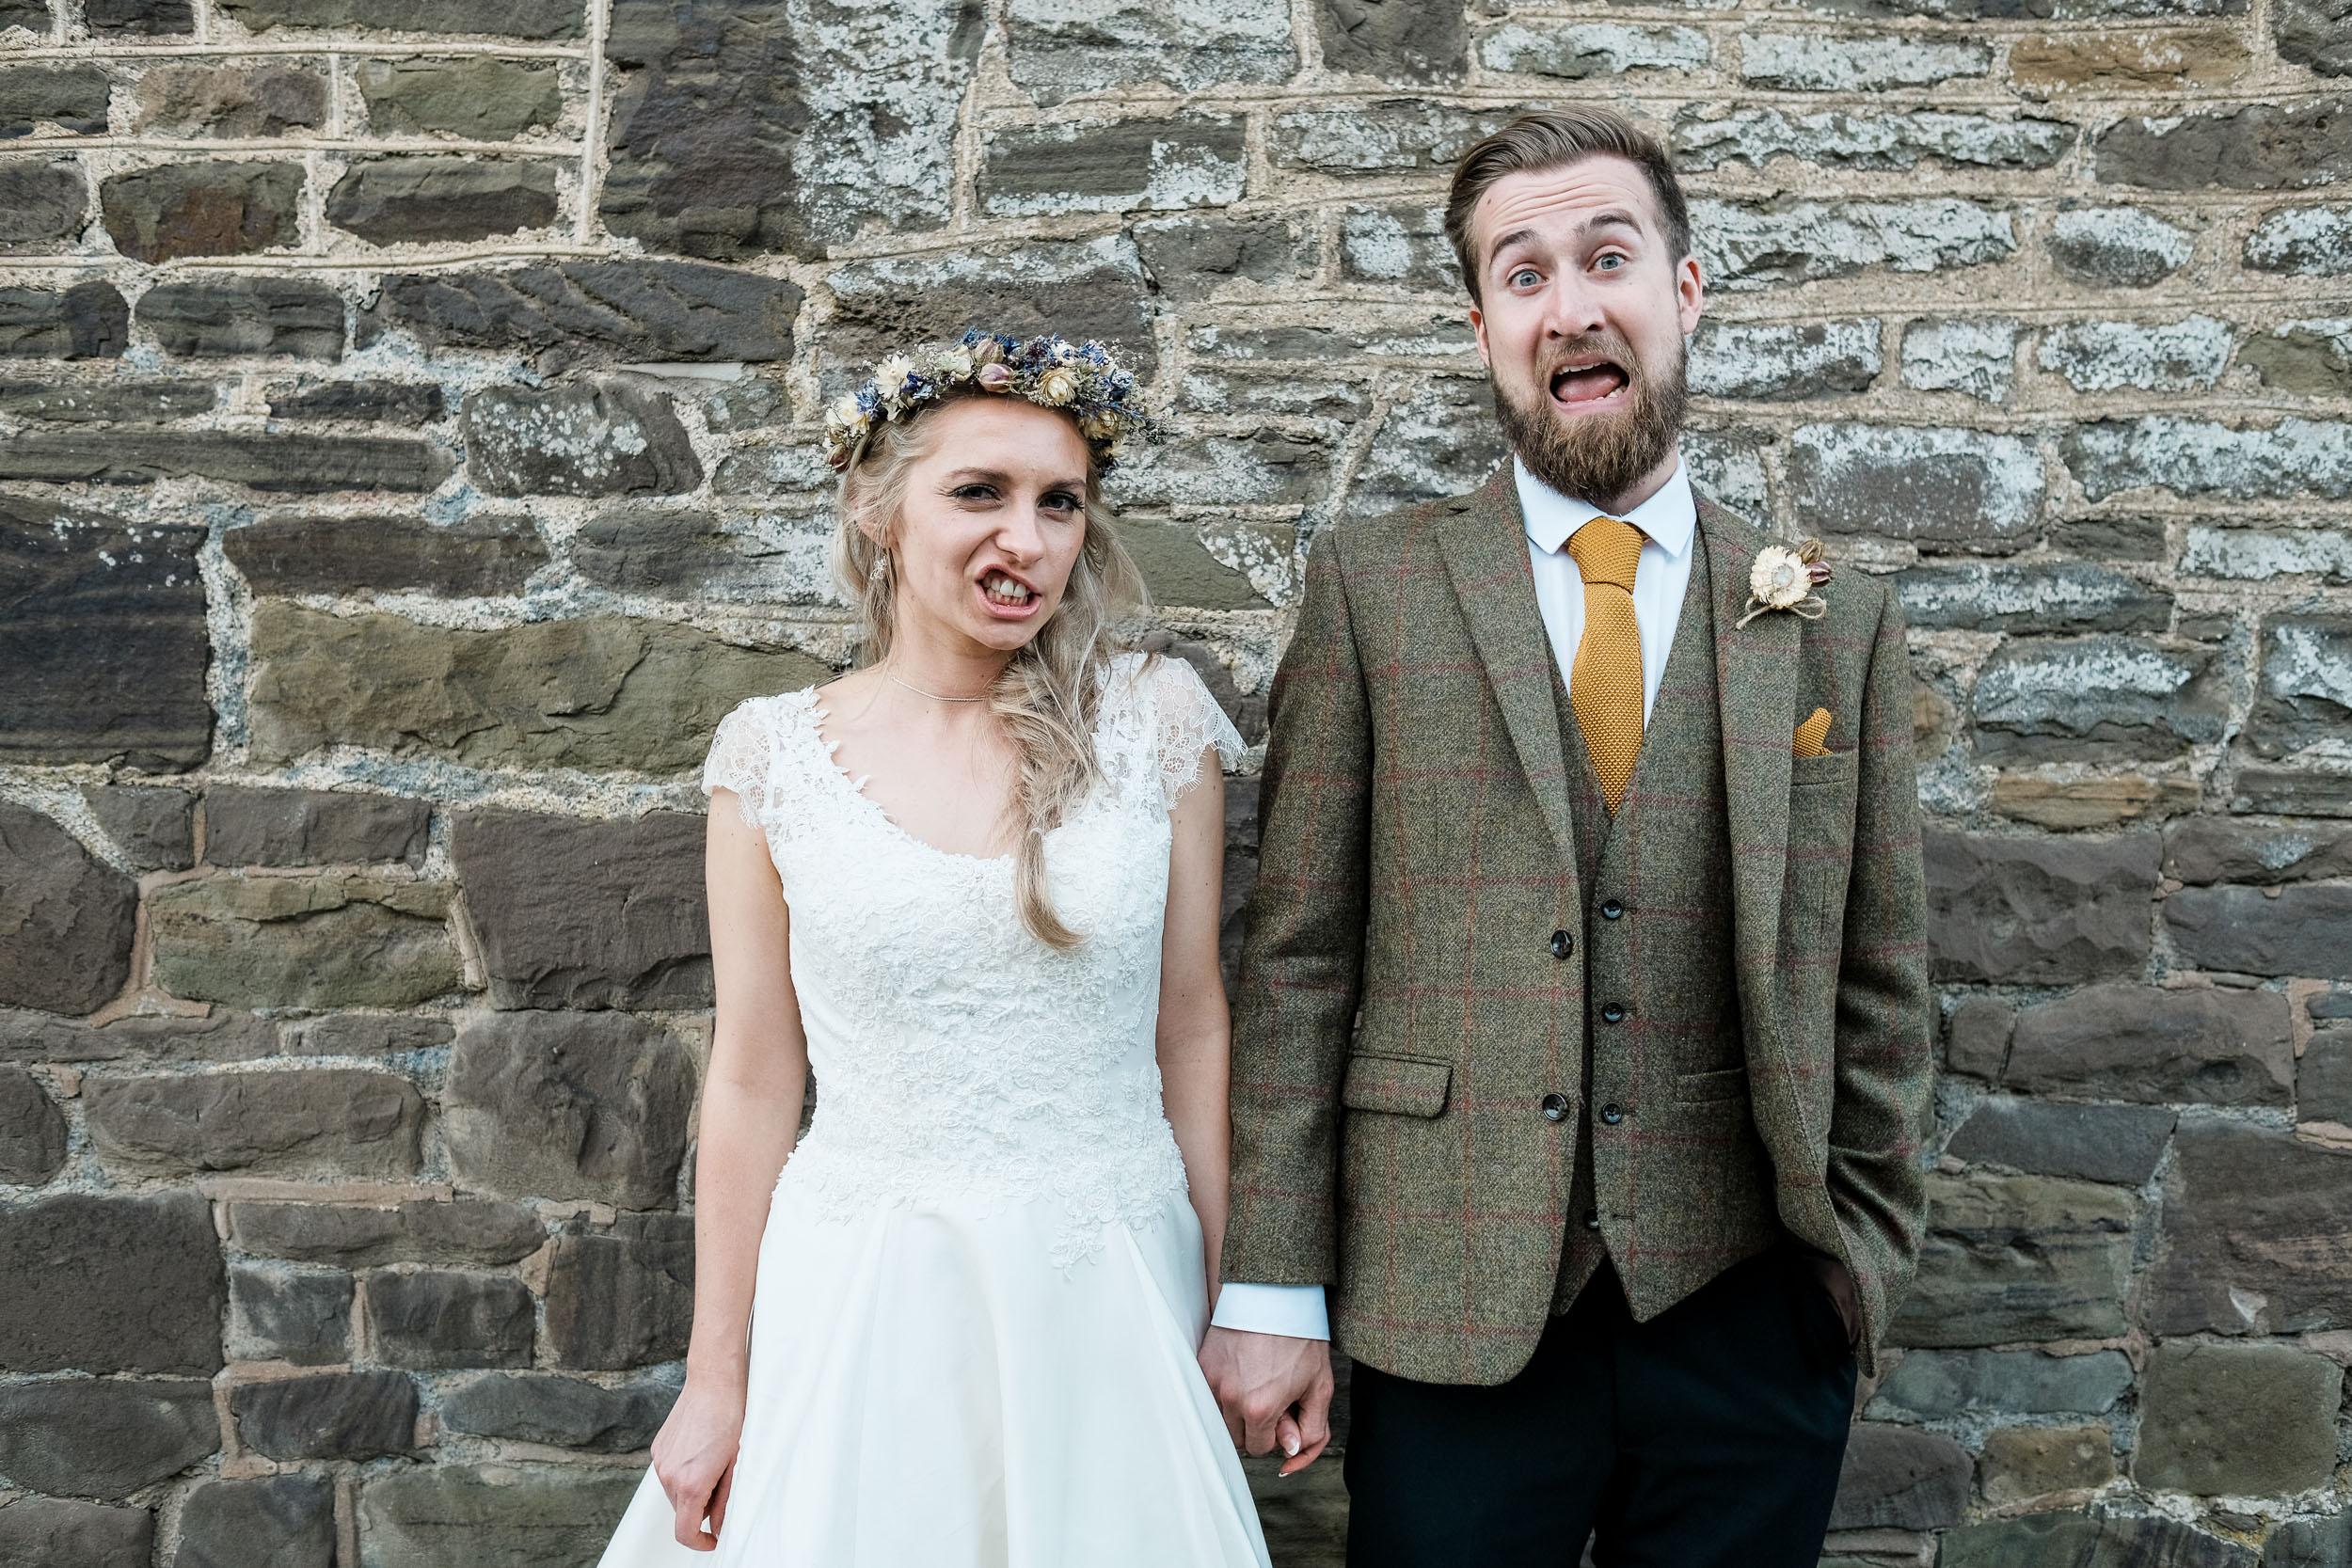 Wistanstow Village Hall Wedding Photographer-001-AXT21933.jpg